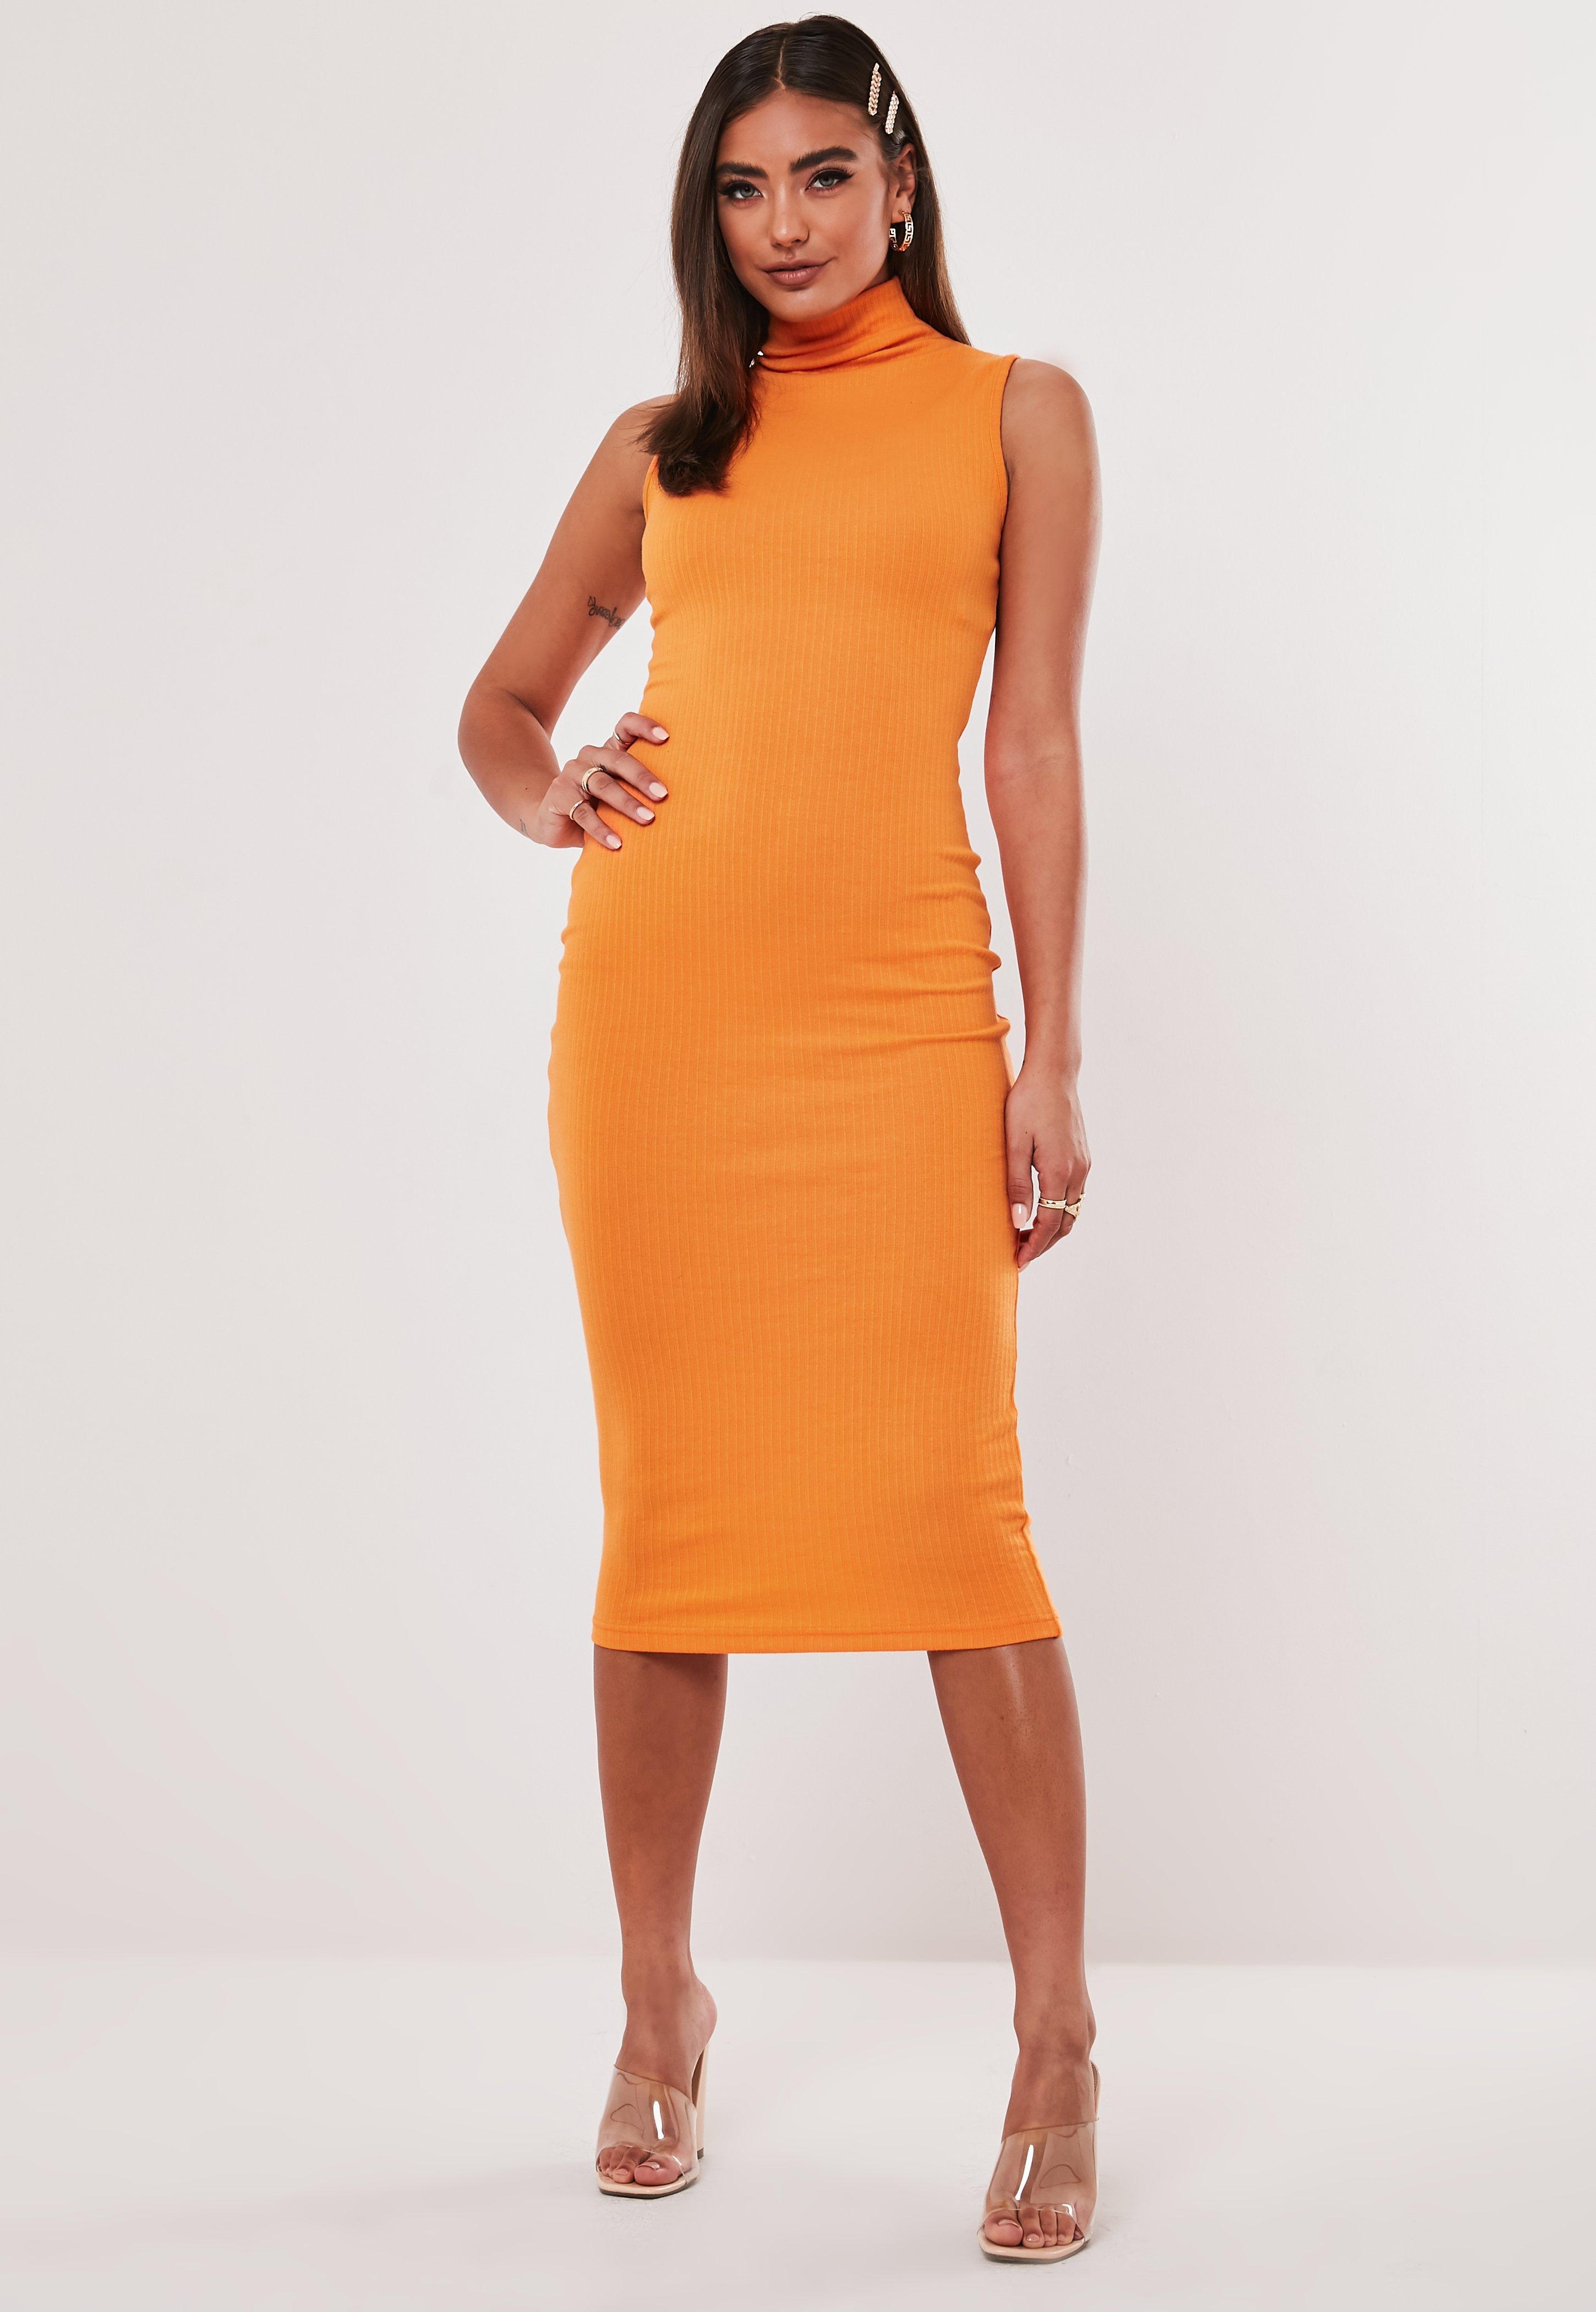 vente en ligne profiter du prix le plus bas bien Robe longue orange col roulé Jordan Lipscombe x Missguided